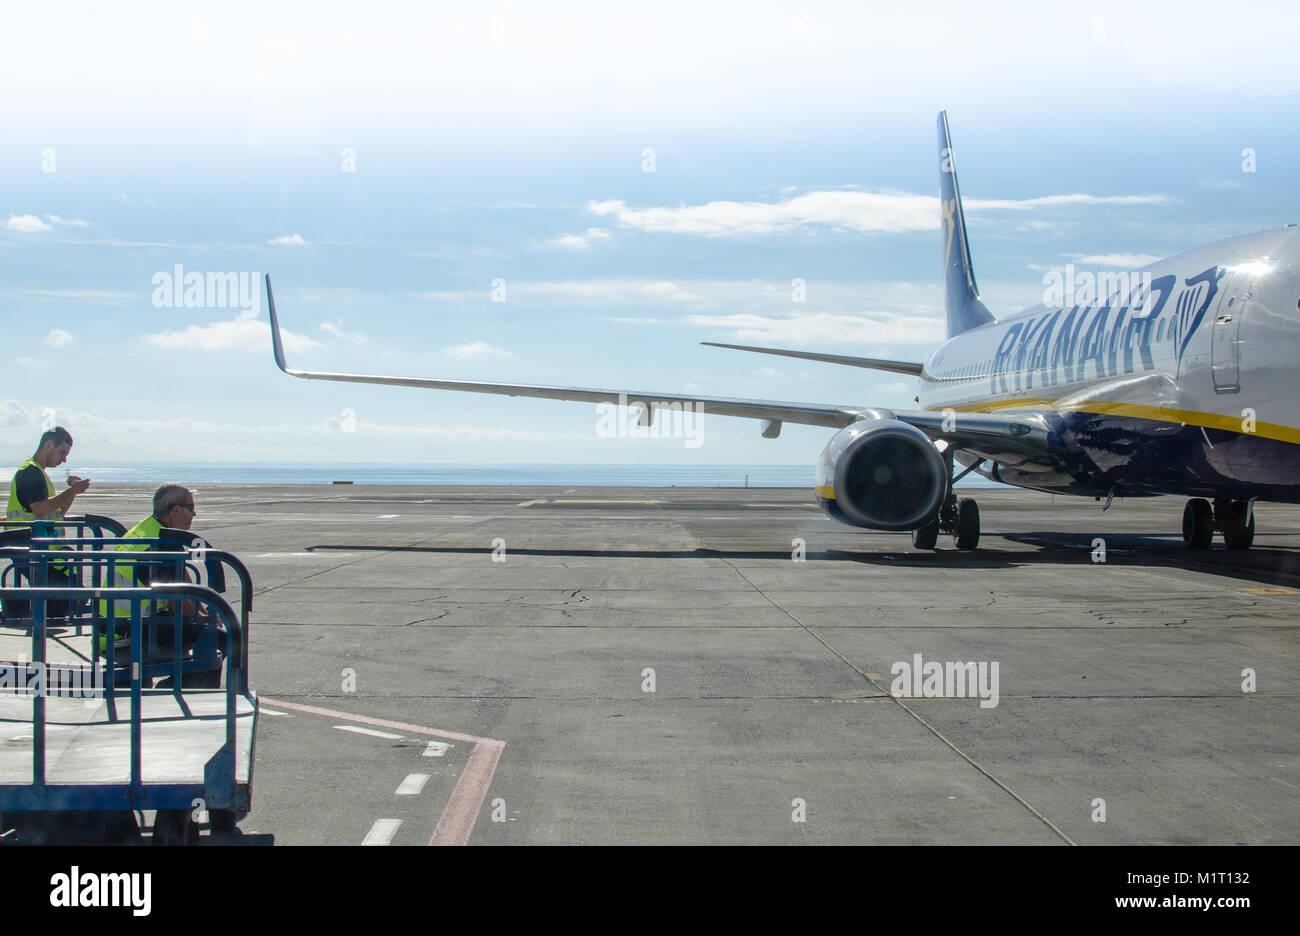 Bagagli in attesa su un rullaggio Ryanair Boeing 737 a Tenerife-South aeroporto, Isole Canarie, Spagna Immagini Stock